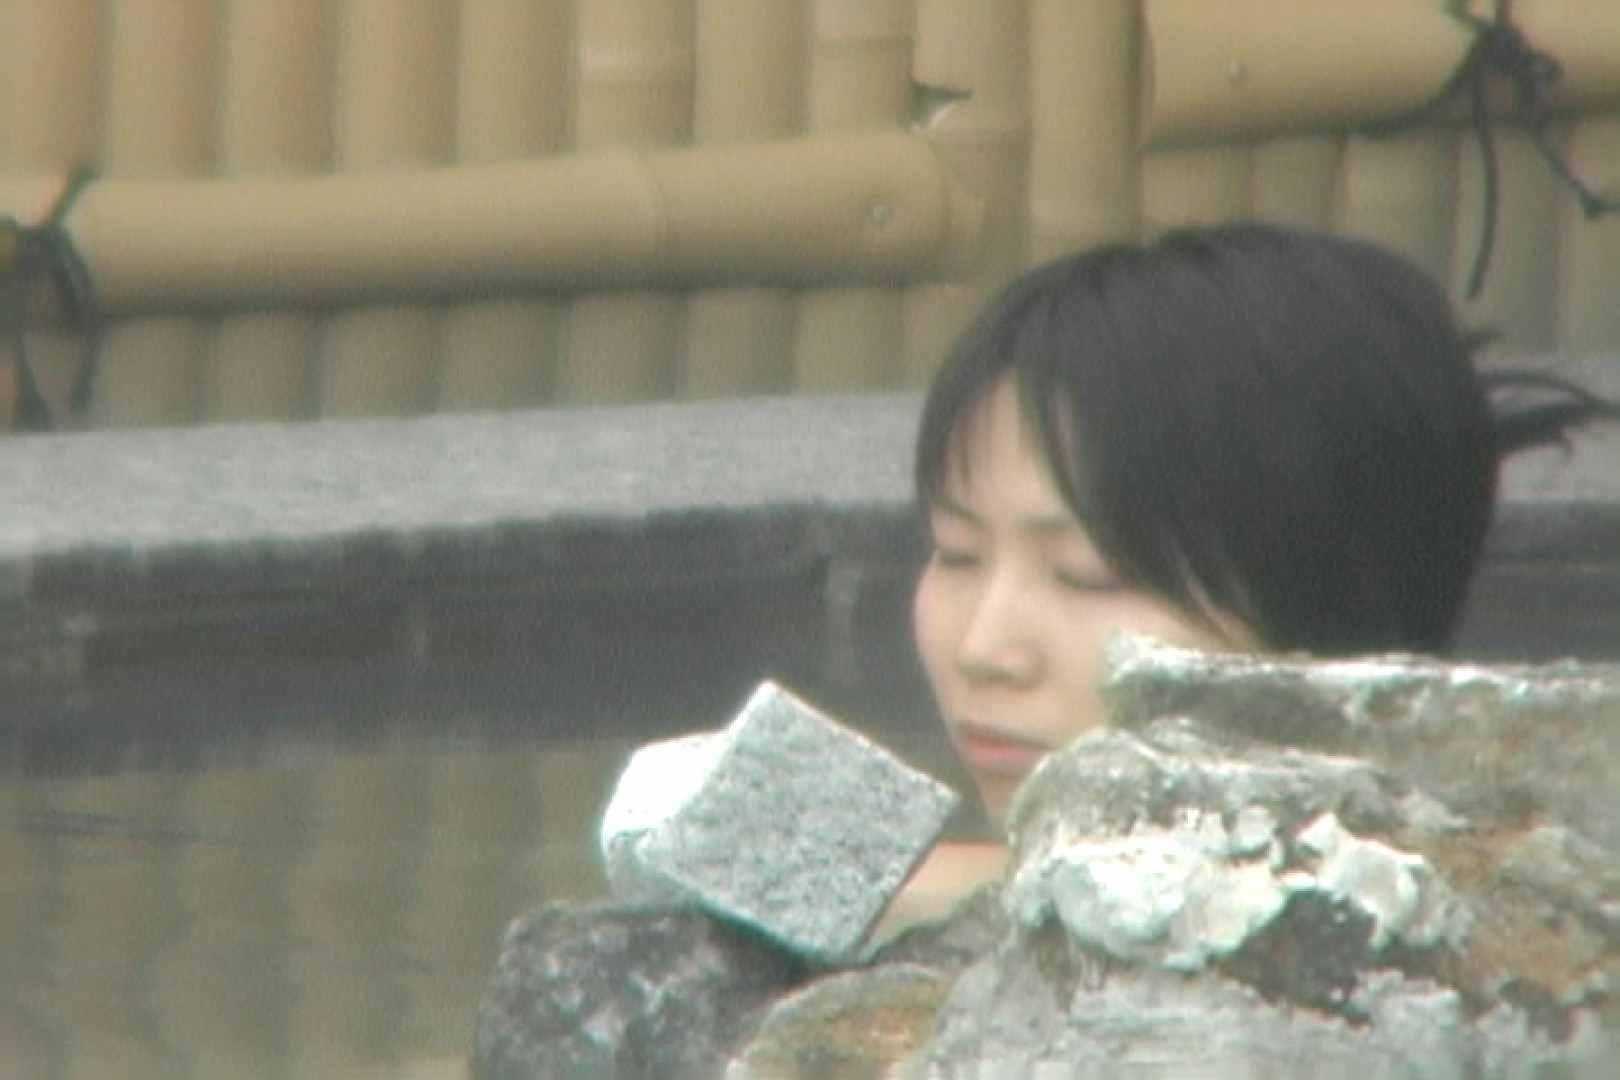 Aquaな露天風呂Vol.567 盗撮 | 露天風呂  96連発 37